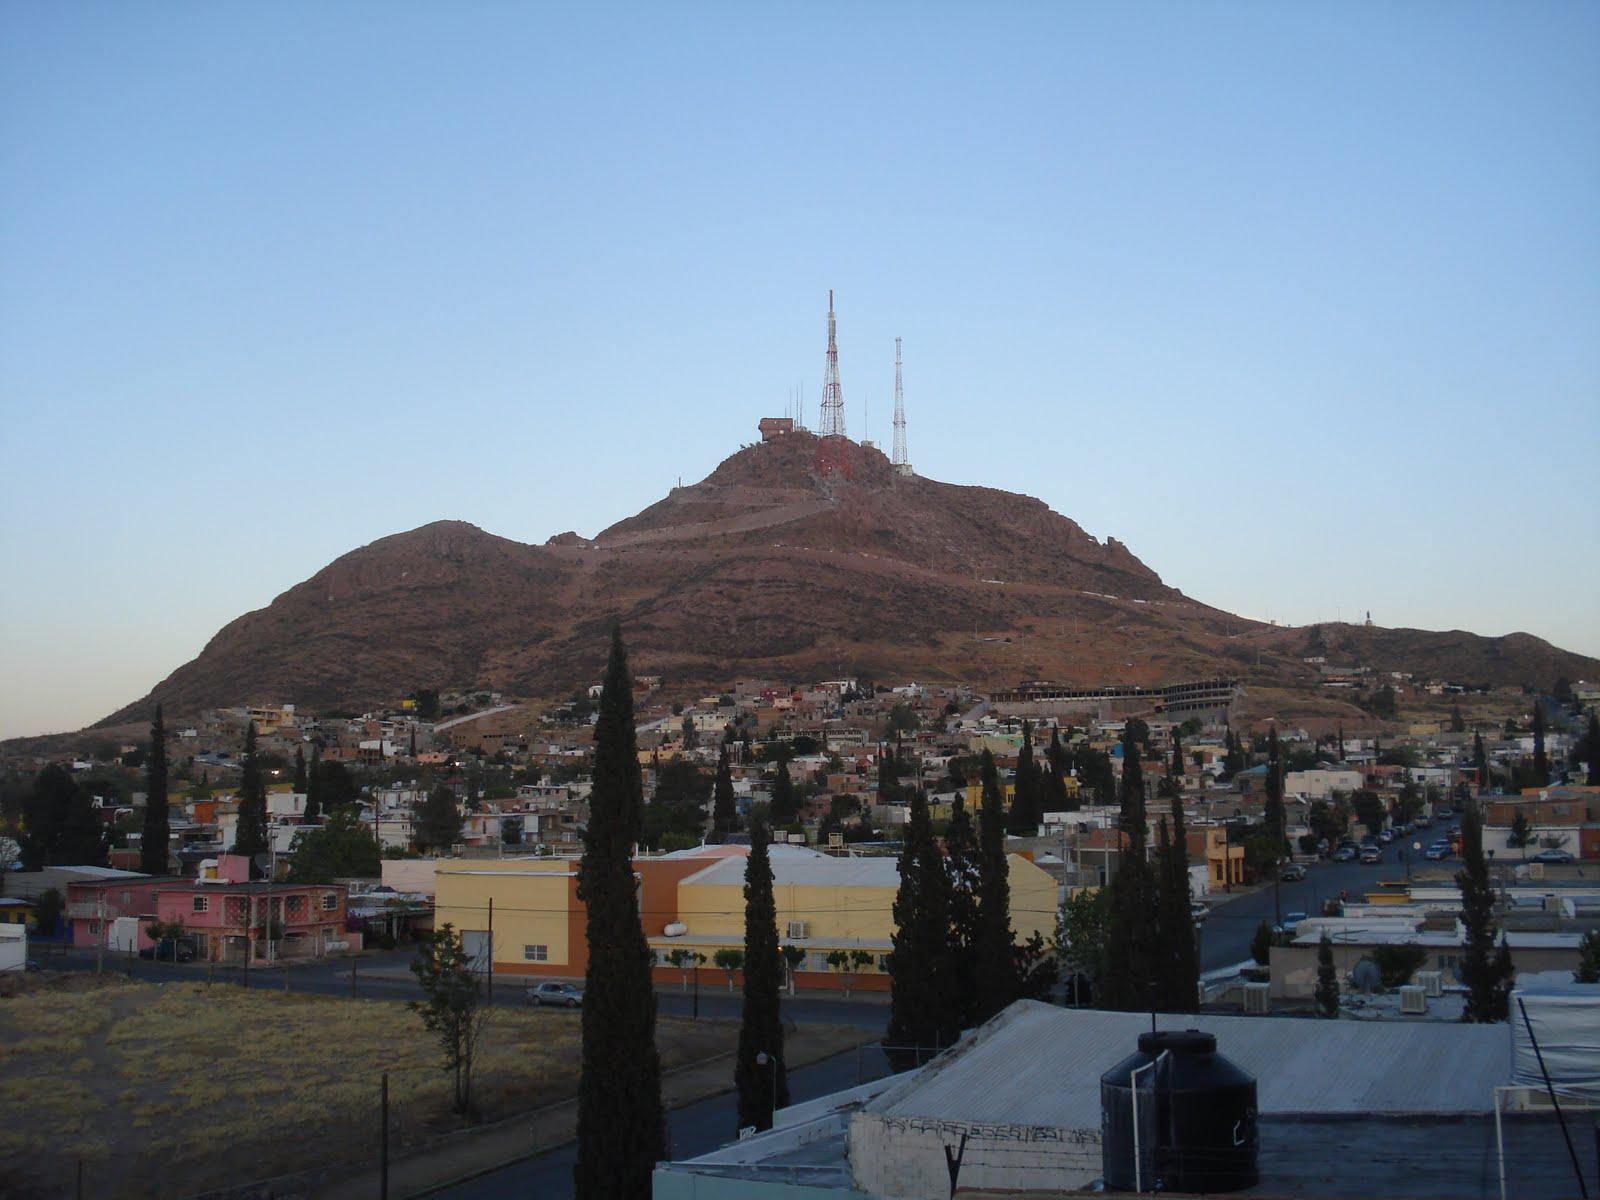 Cerro Coronel